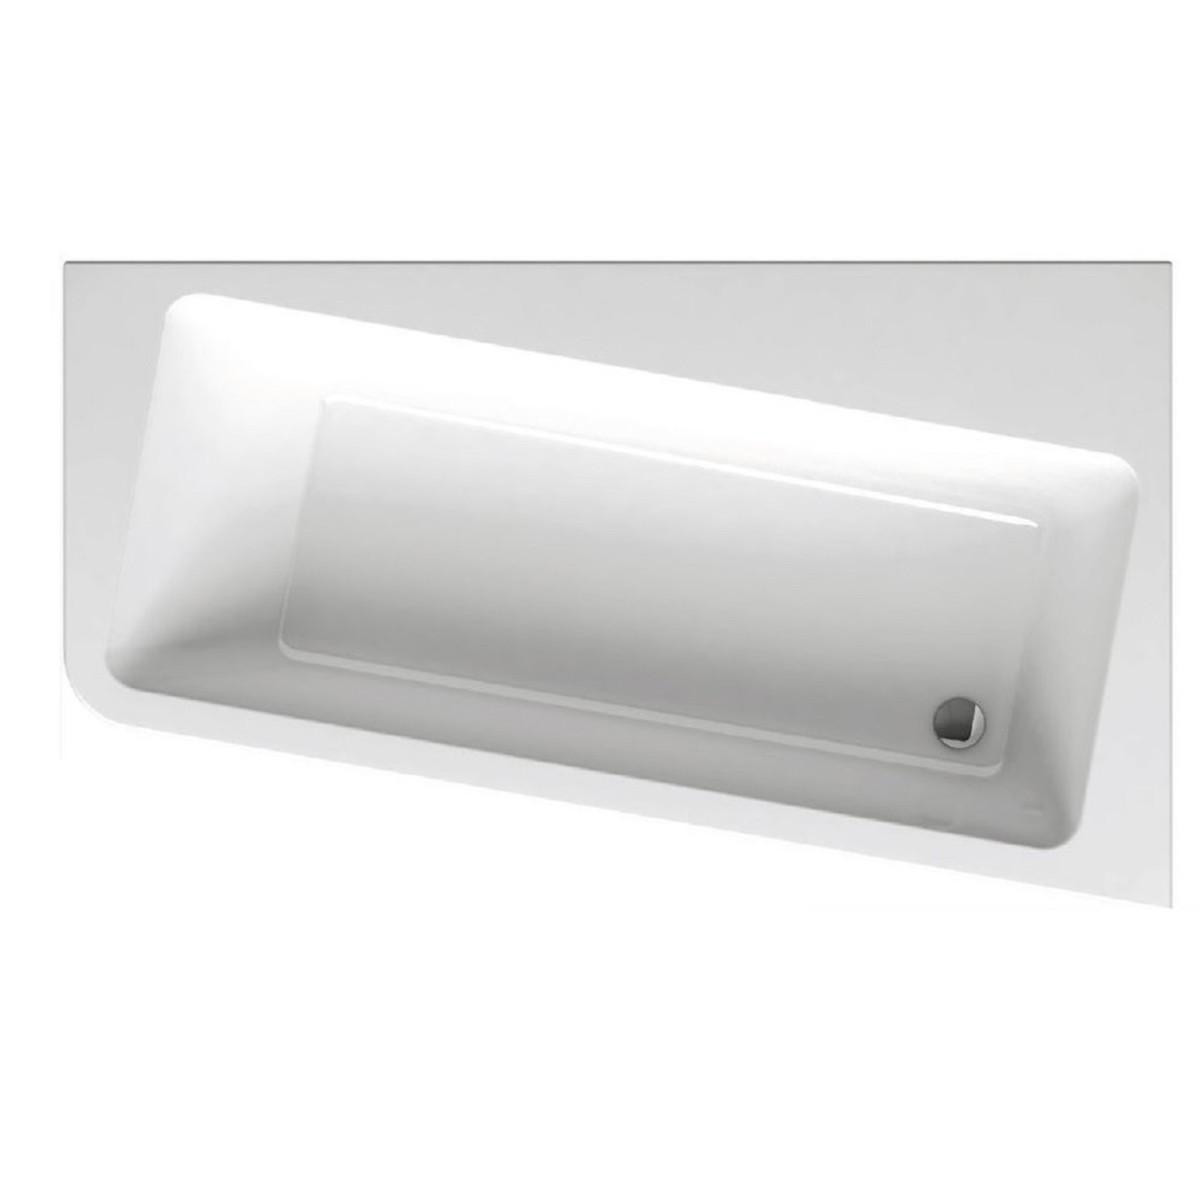 Акриловая ассиметричная ванна Ravak 10 градусов 160x95 см правая